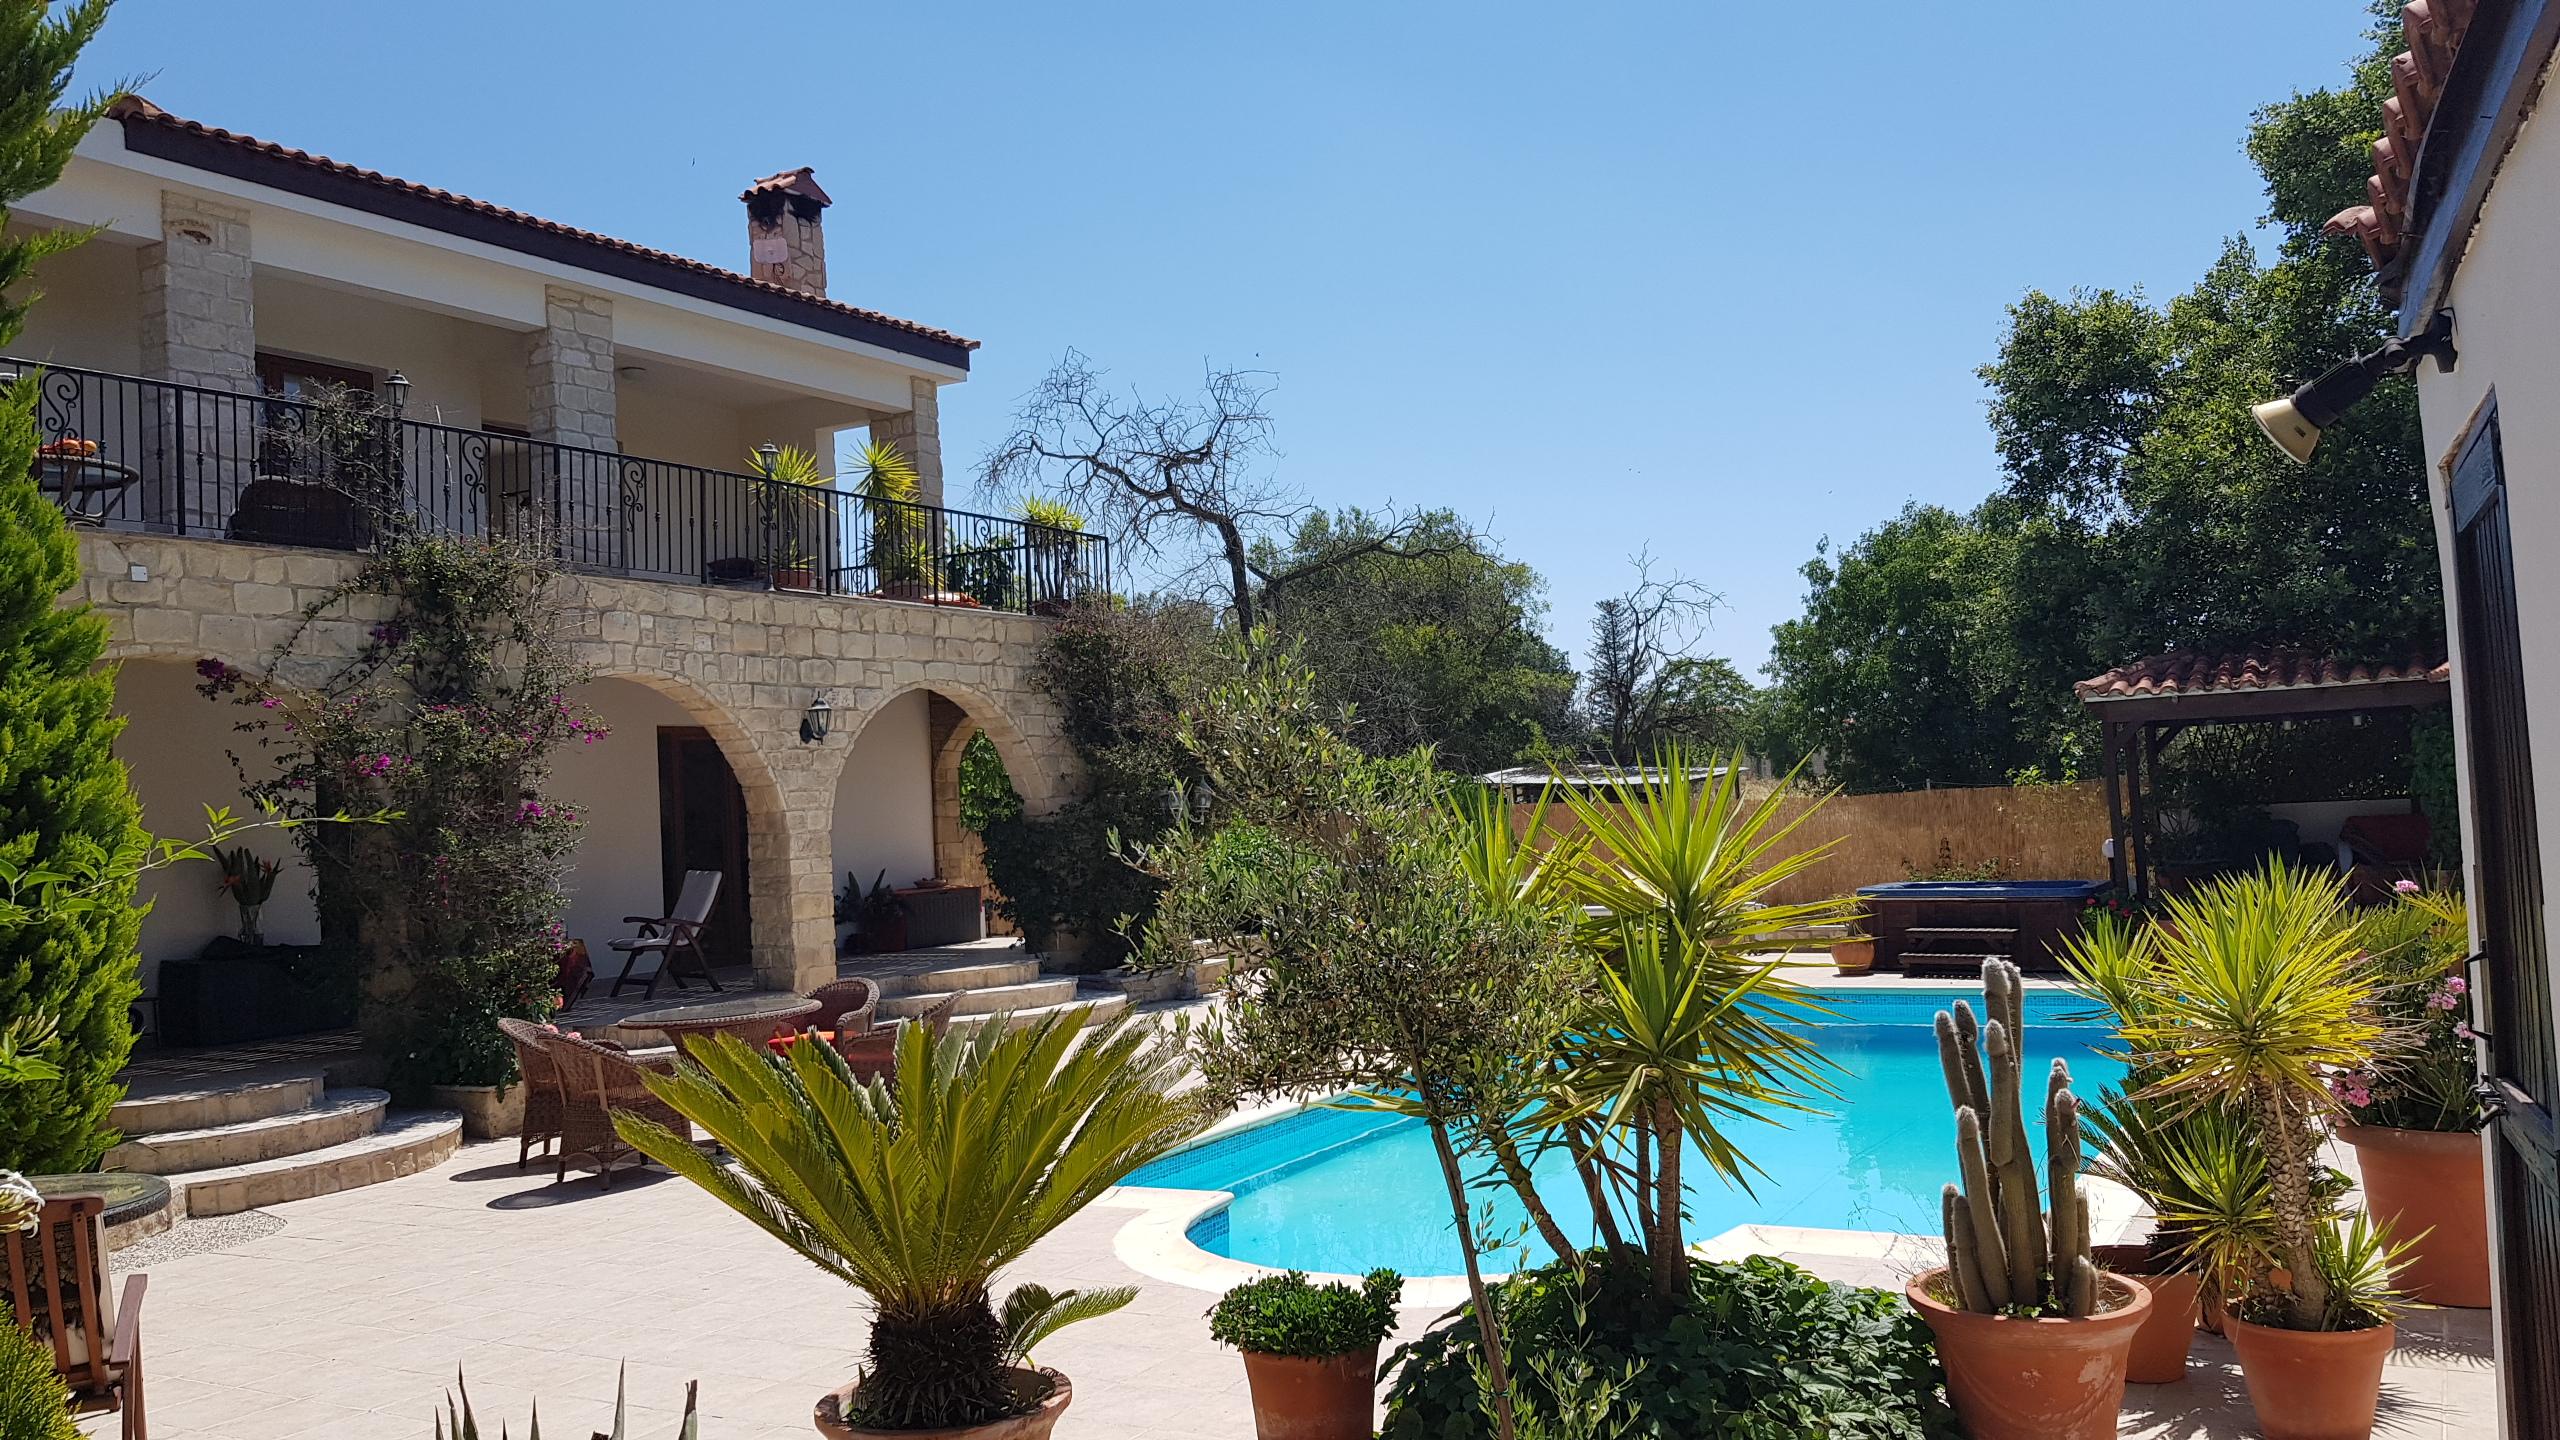 Polemi Villa Ppahos Cyprus